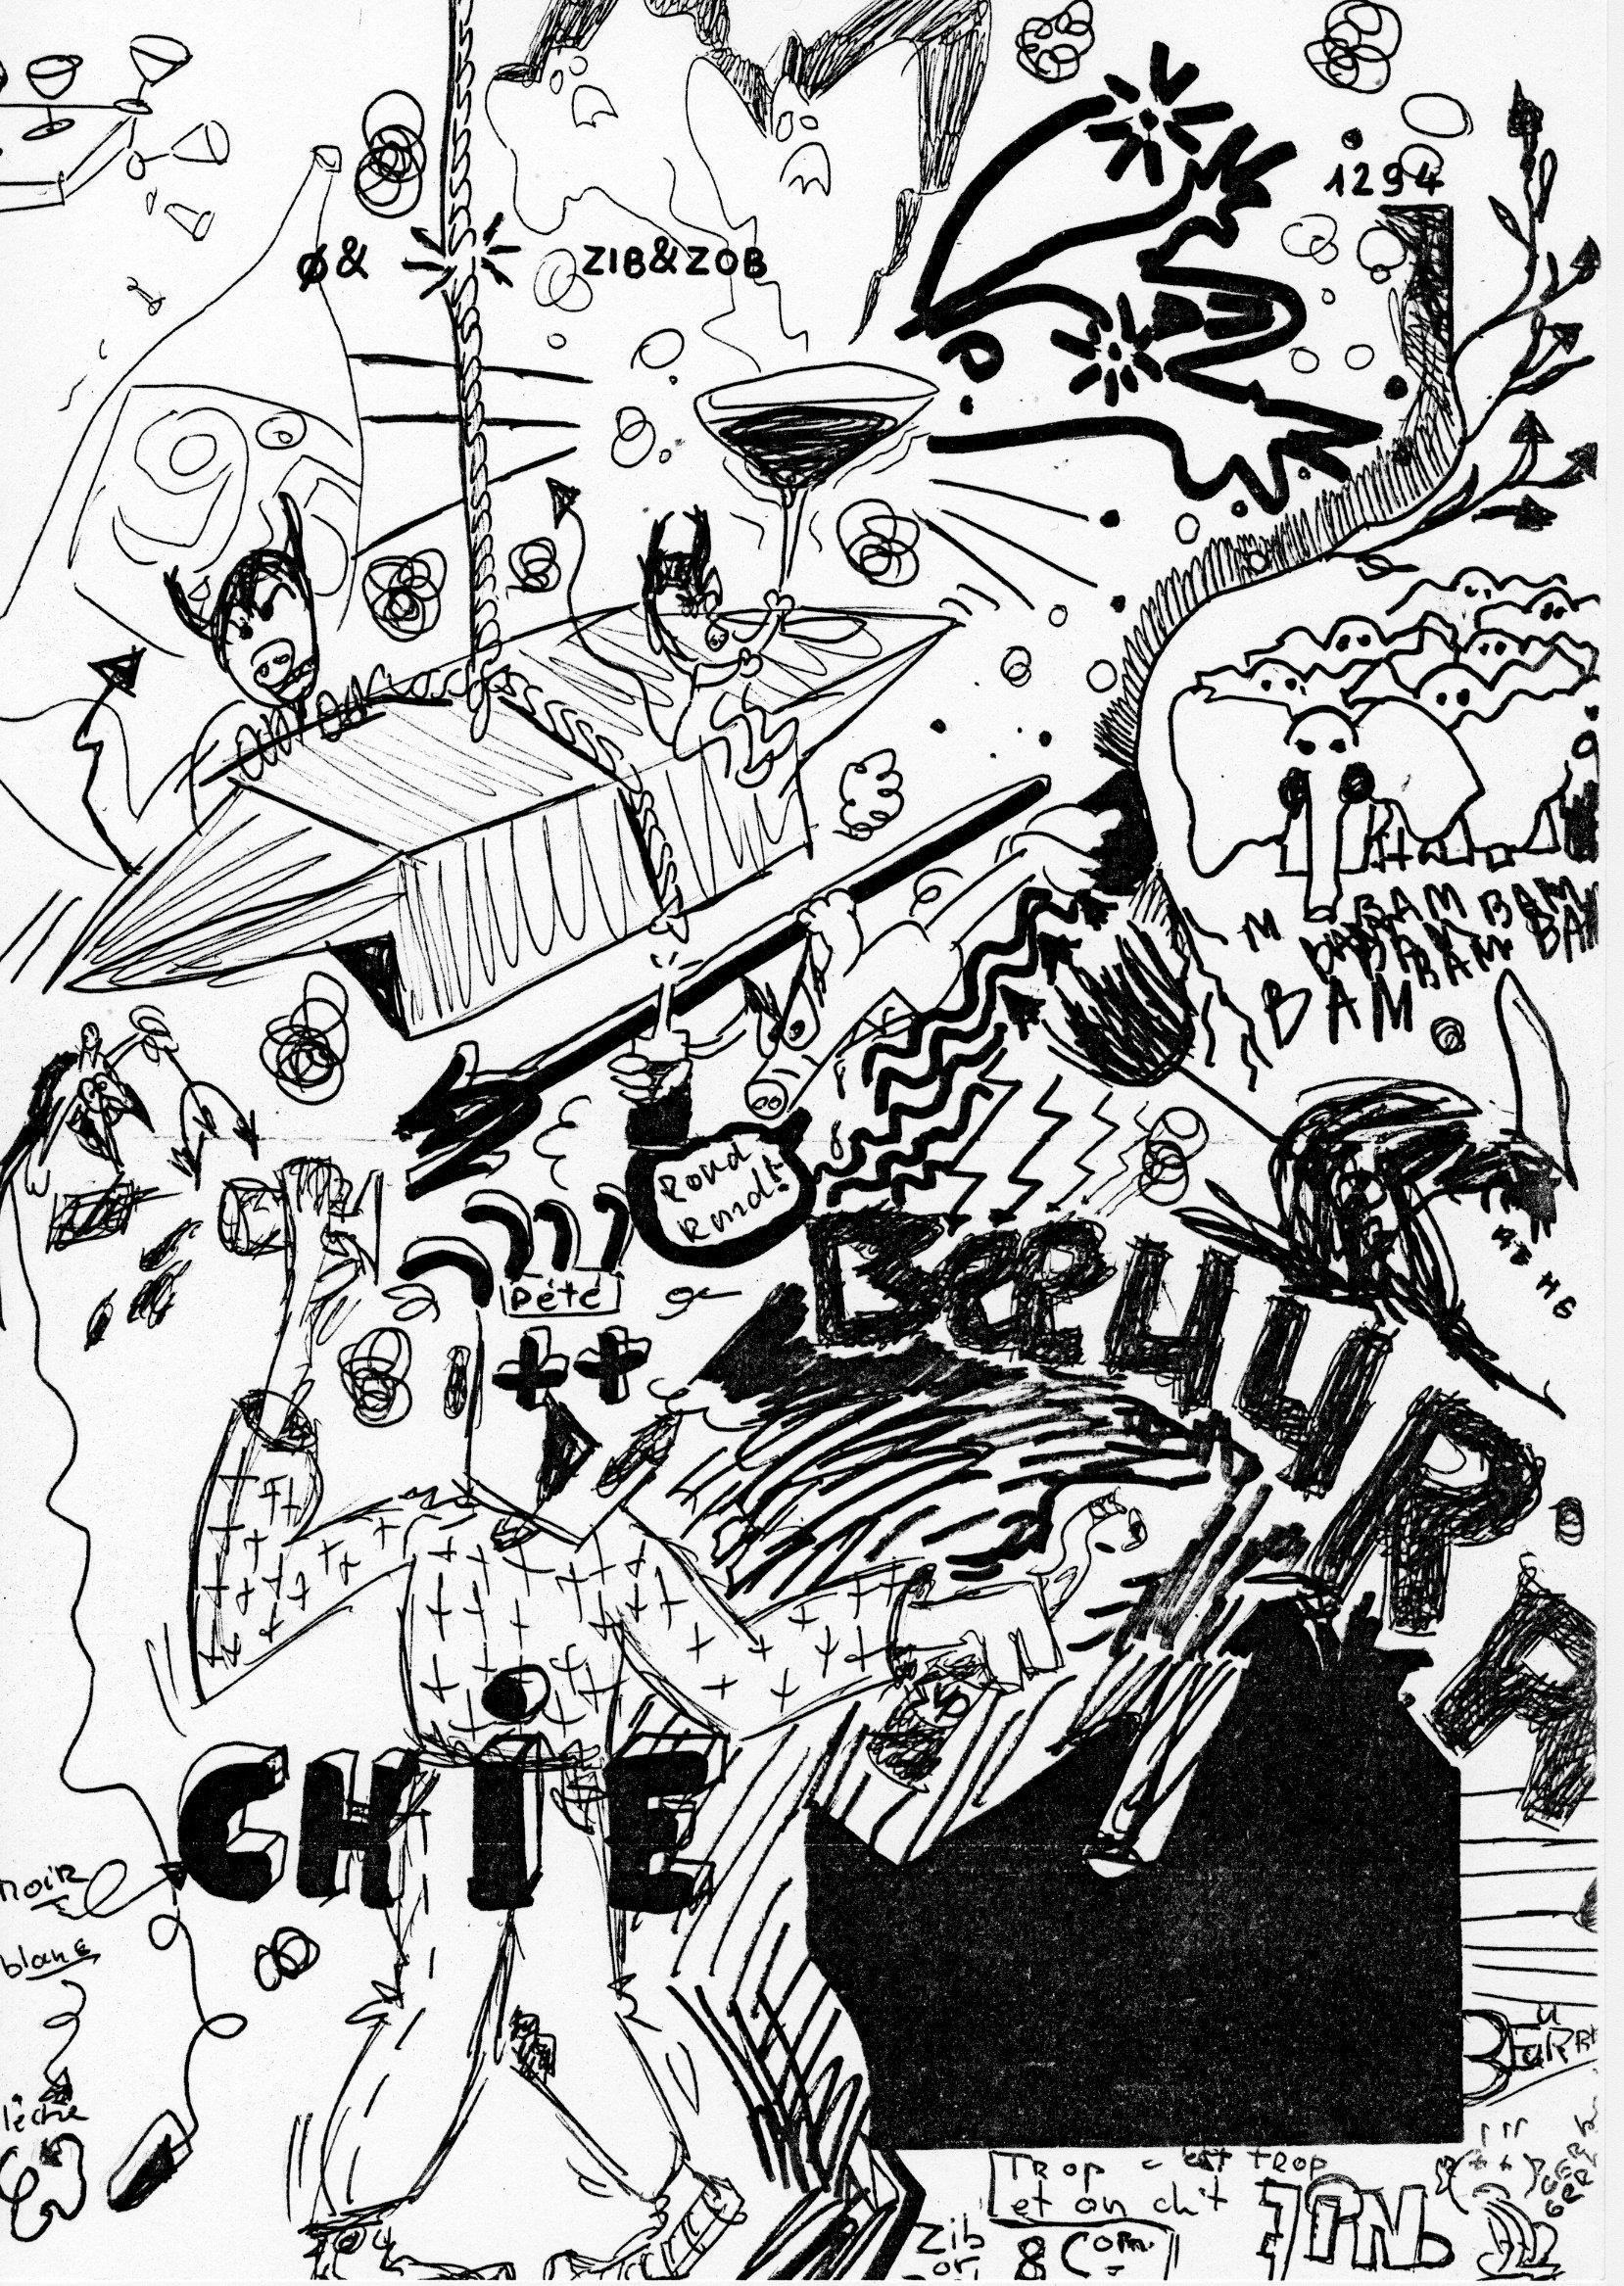 page 1294 Ensemble Vide et Zib et Zob OÏ OF OLASE